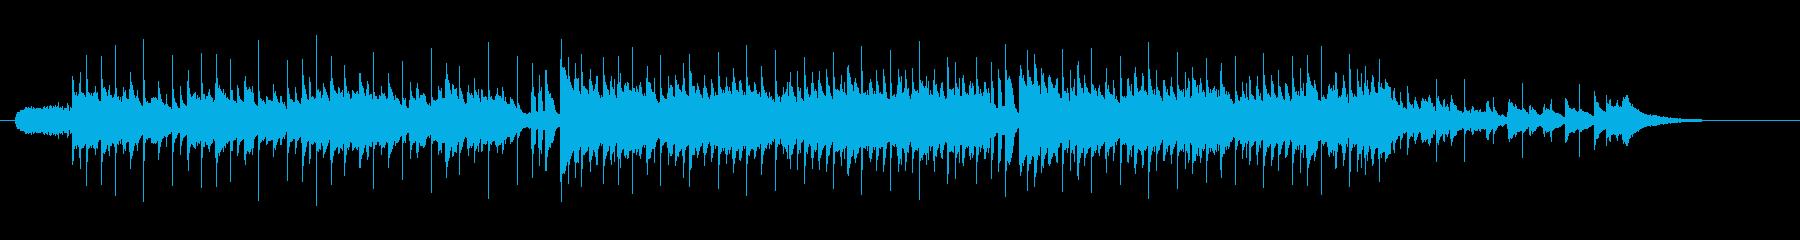 ニューミュージック系ミディアム・バラードの再生済みの波形